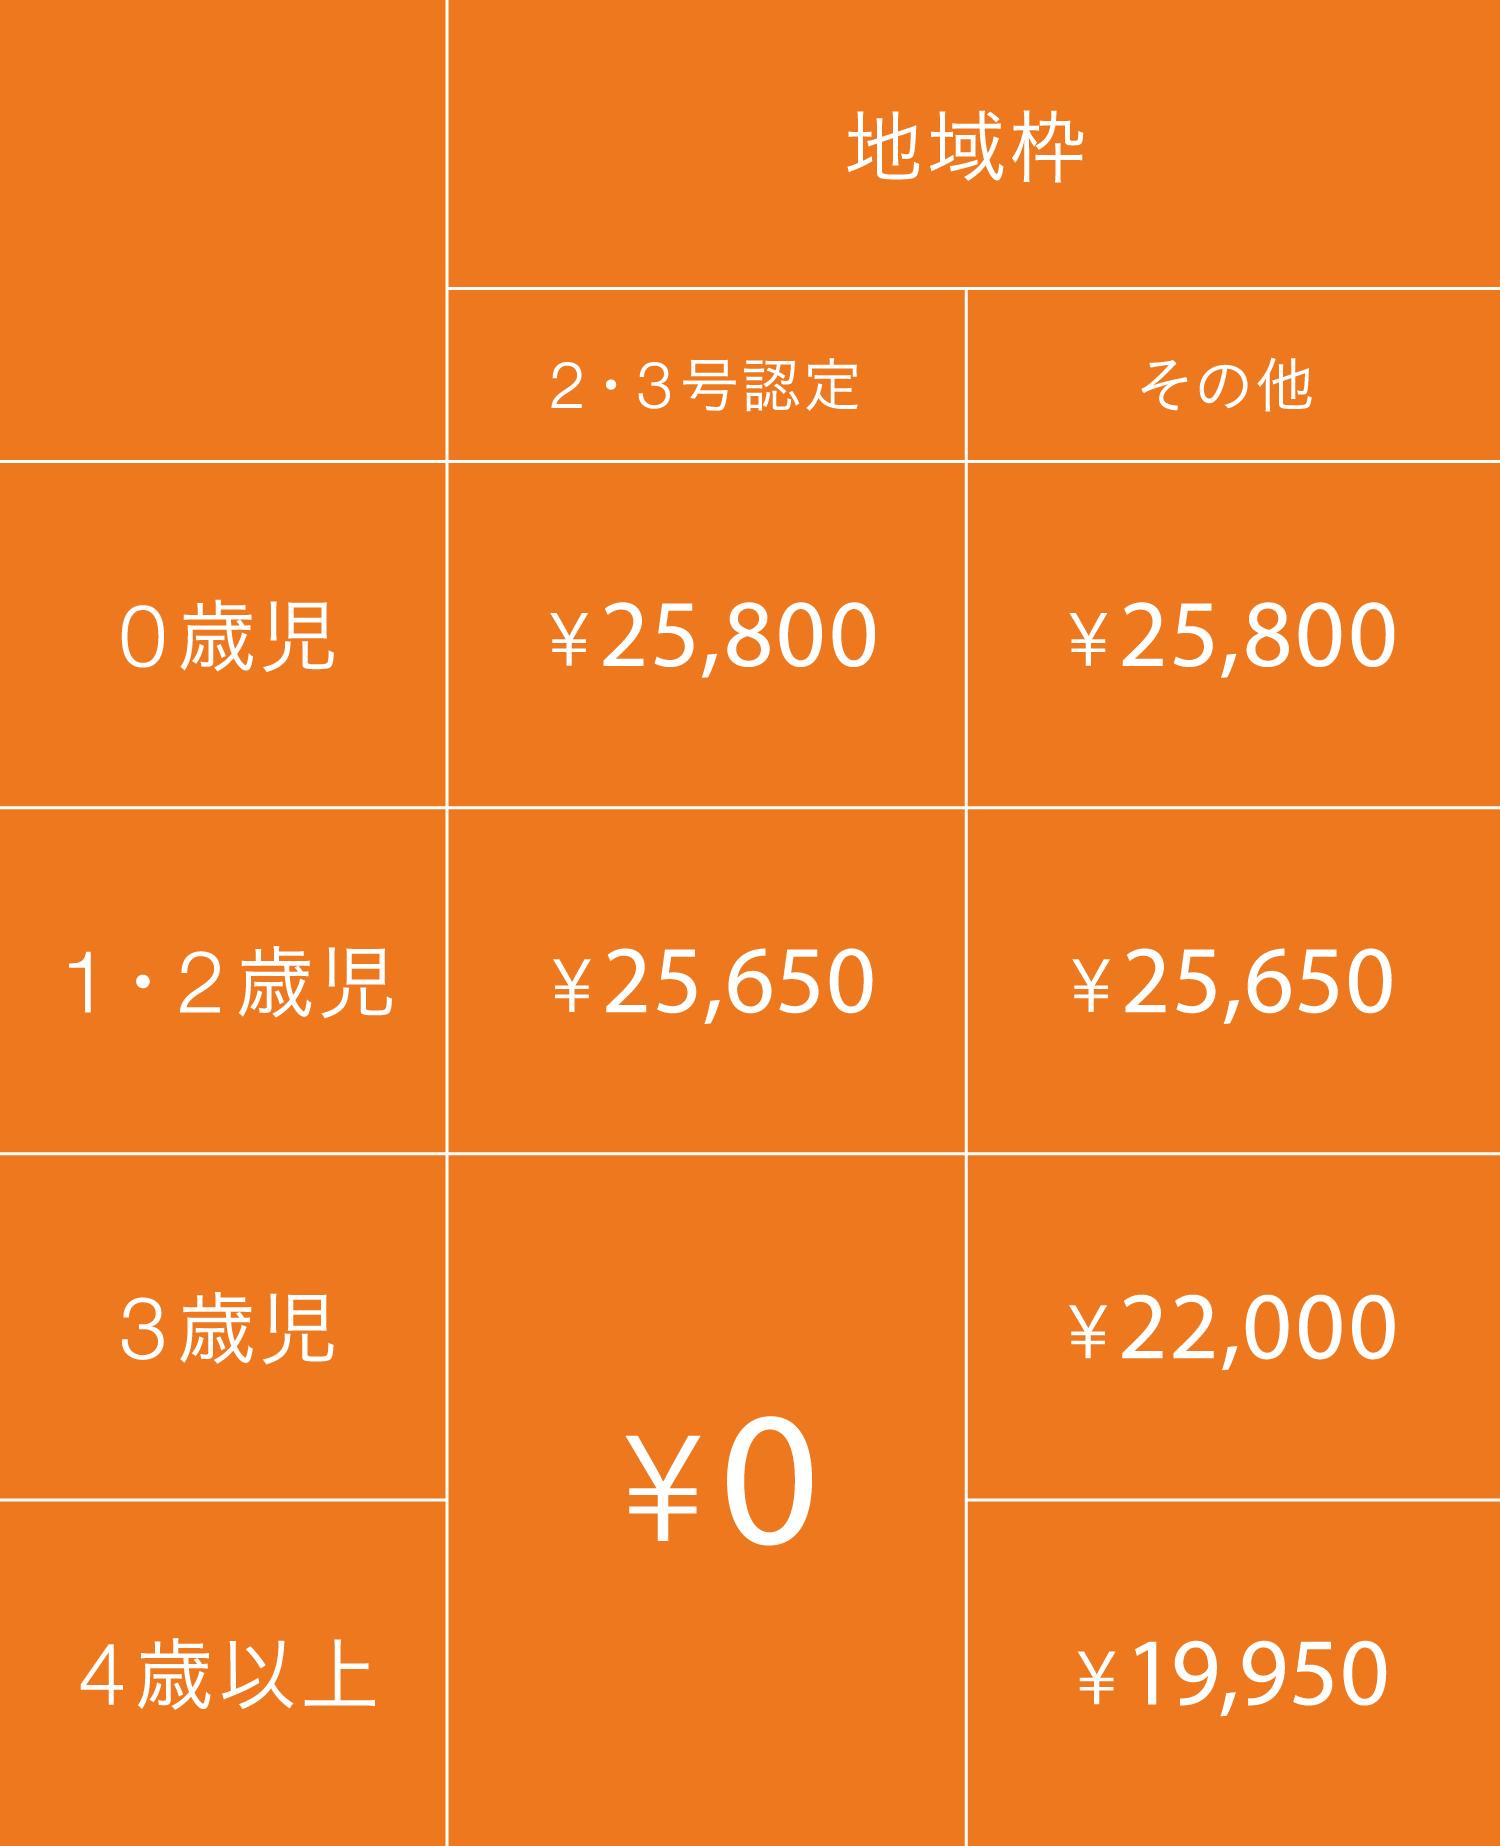 月額利用料 宮崎 地域枠